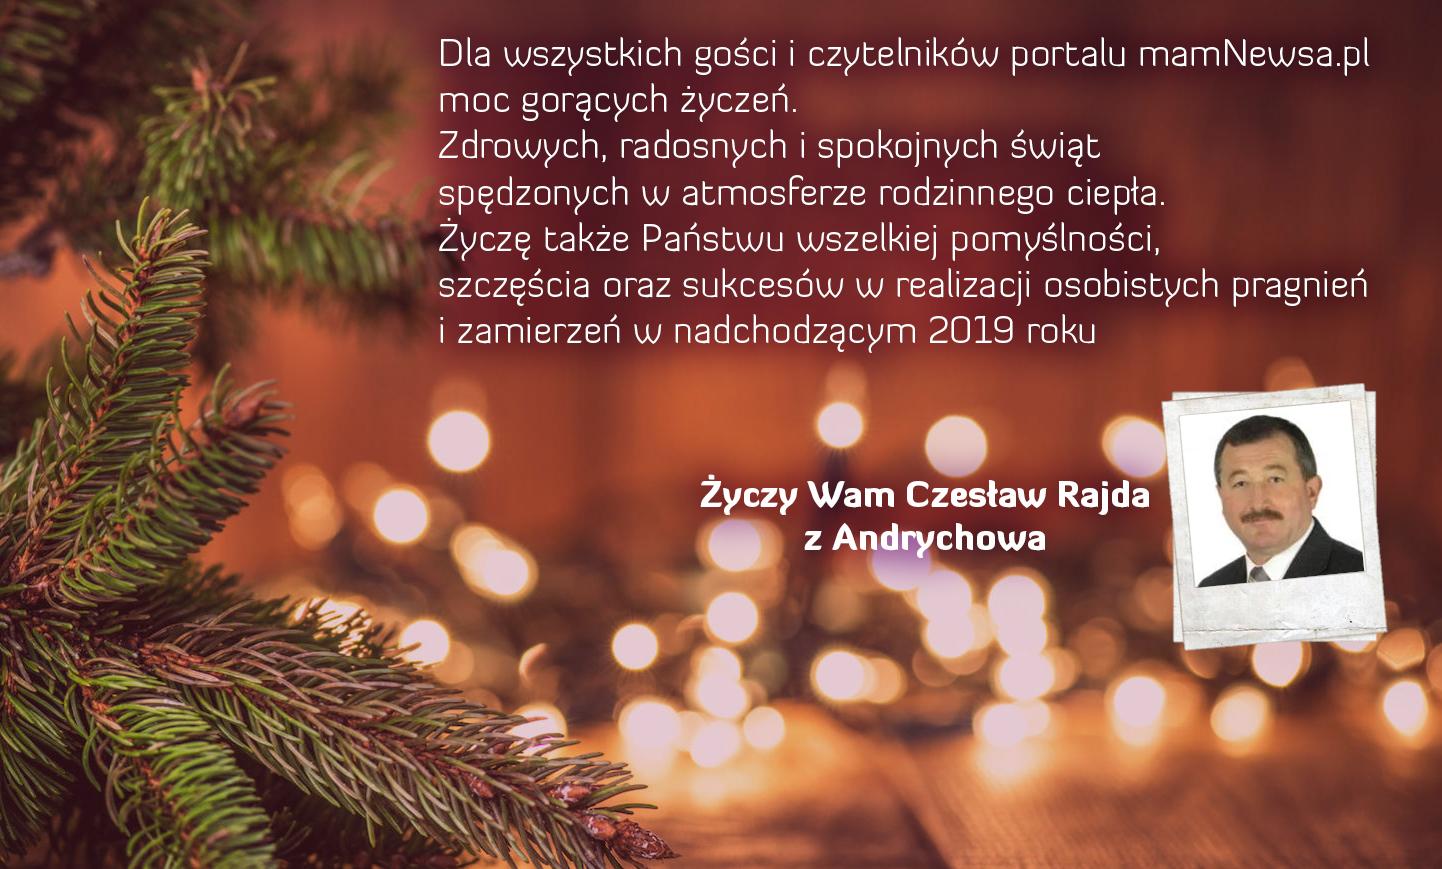 Życzenia świąteczne i noworoczne od radnego Czesława Rajdy z Andrychowa